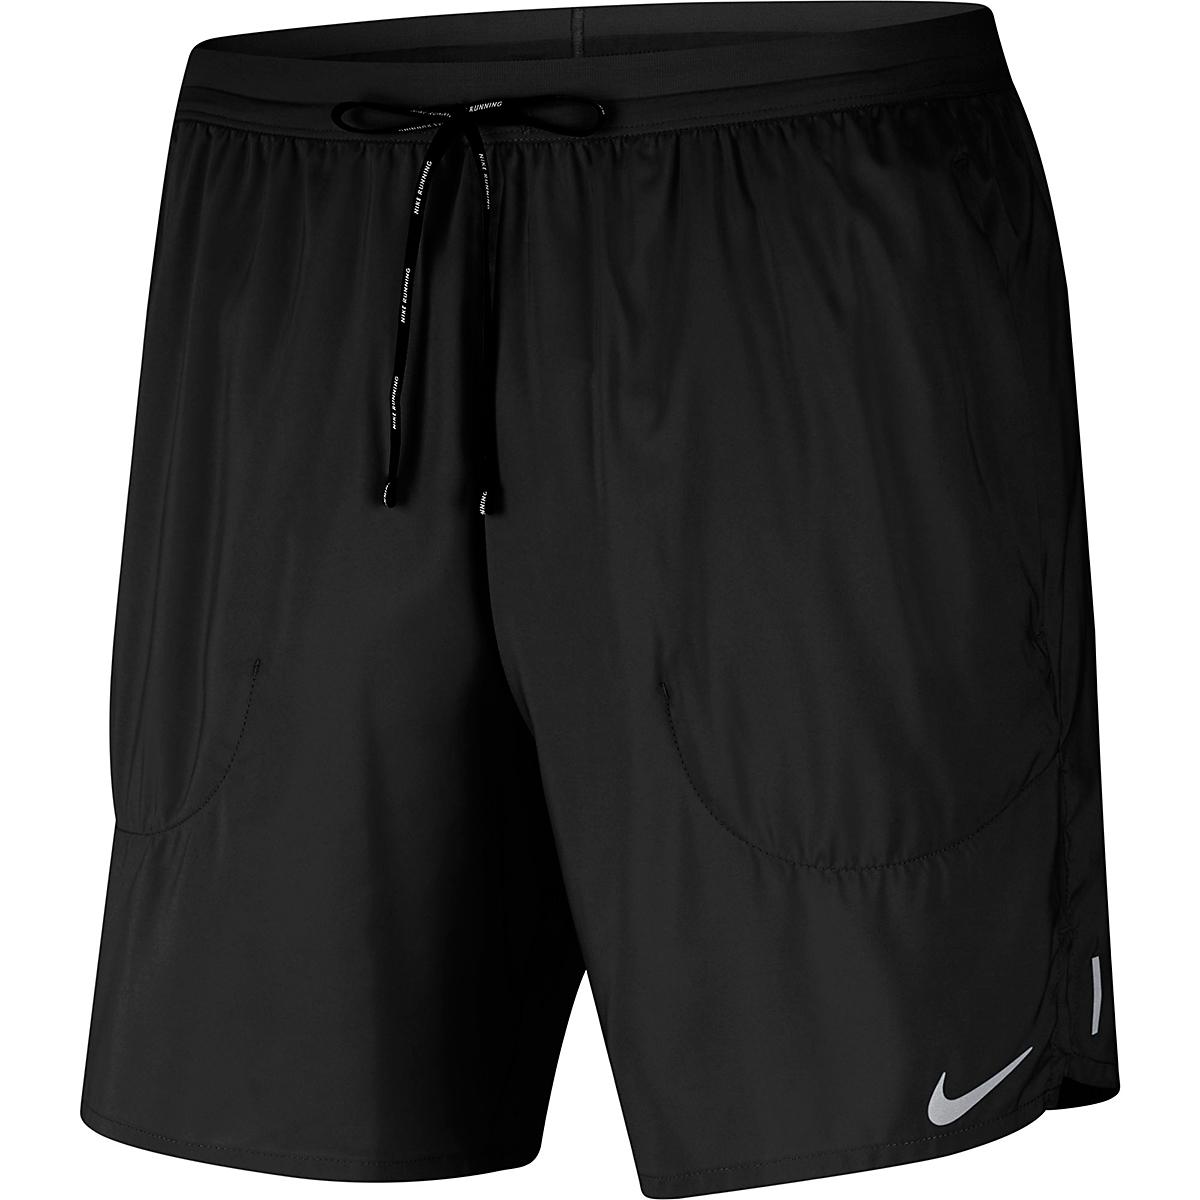 """Men's Nike Flex Stride 7"""" Brief Running Shorts - Color: Black - Size: S, Black, large, image 5"""